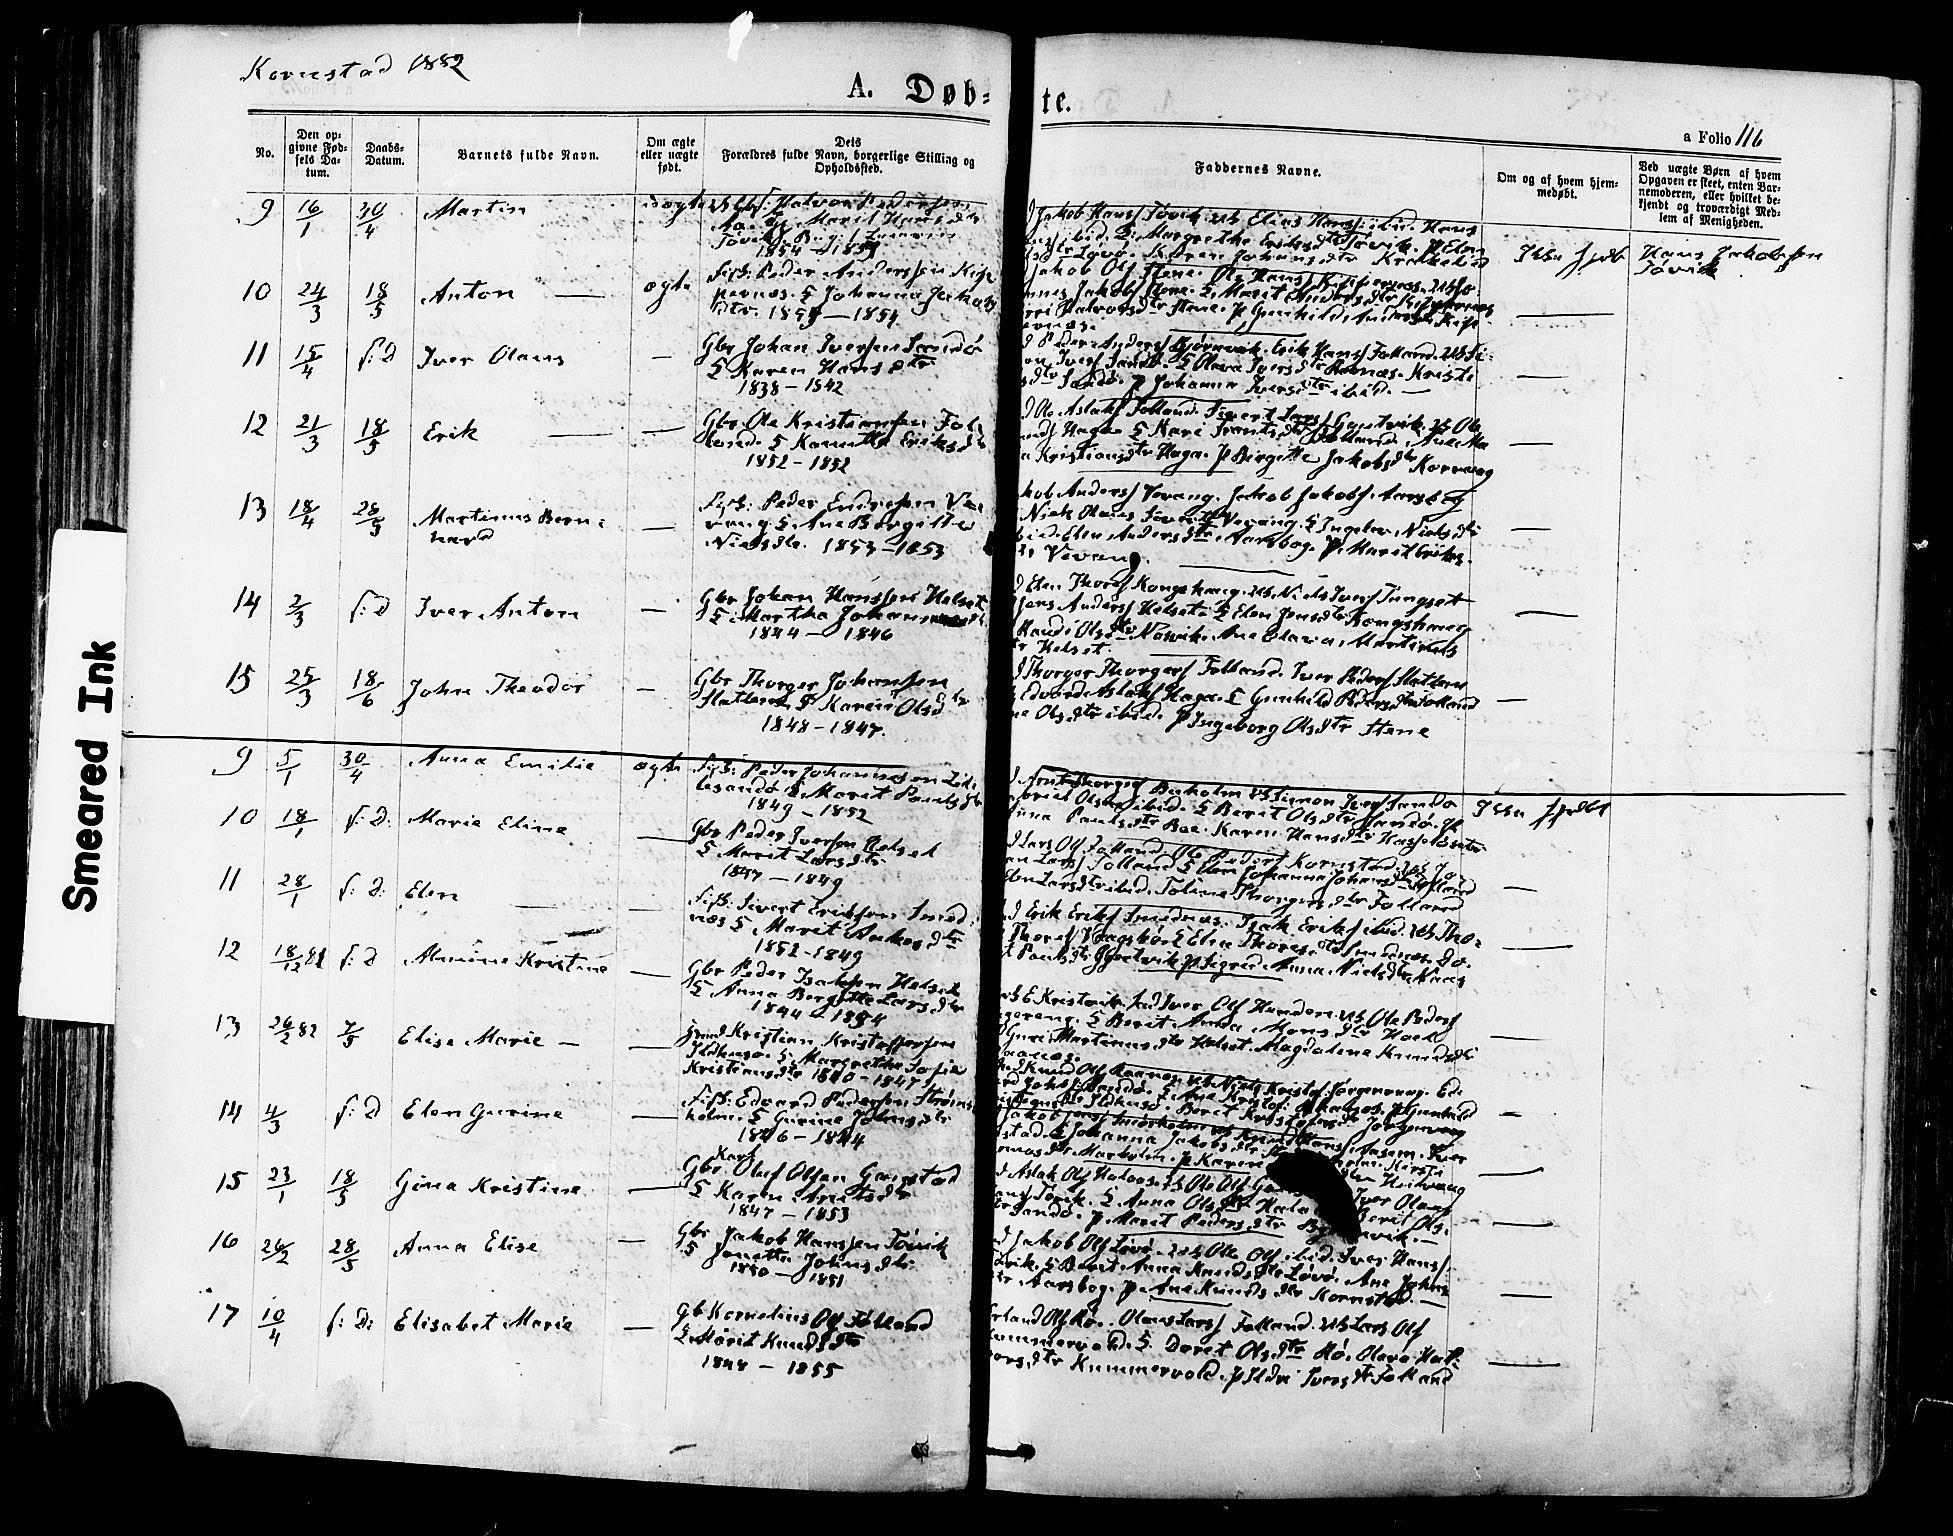 SAT, Ministerialprotokoller, klokkerbøker og fødselsregistre - Møre og Romsdal, 568/L0806: Ministerialbok nr. 568A12 /2, 1878-1884, s. 116